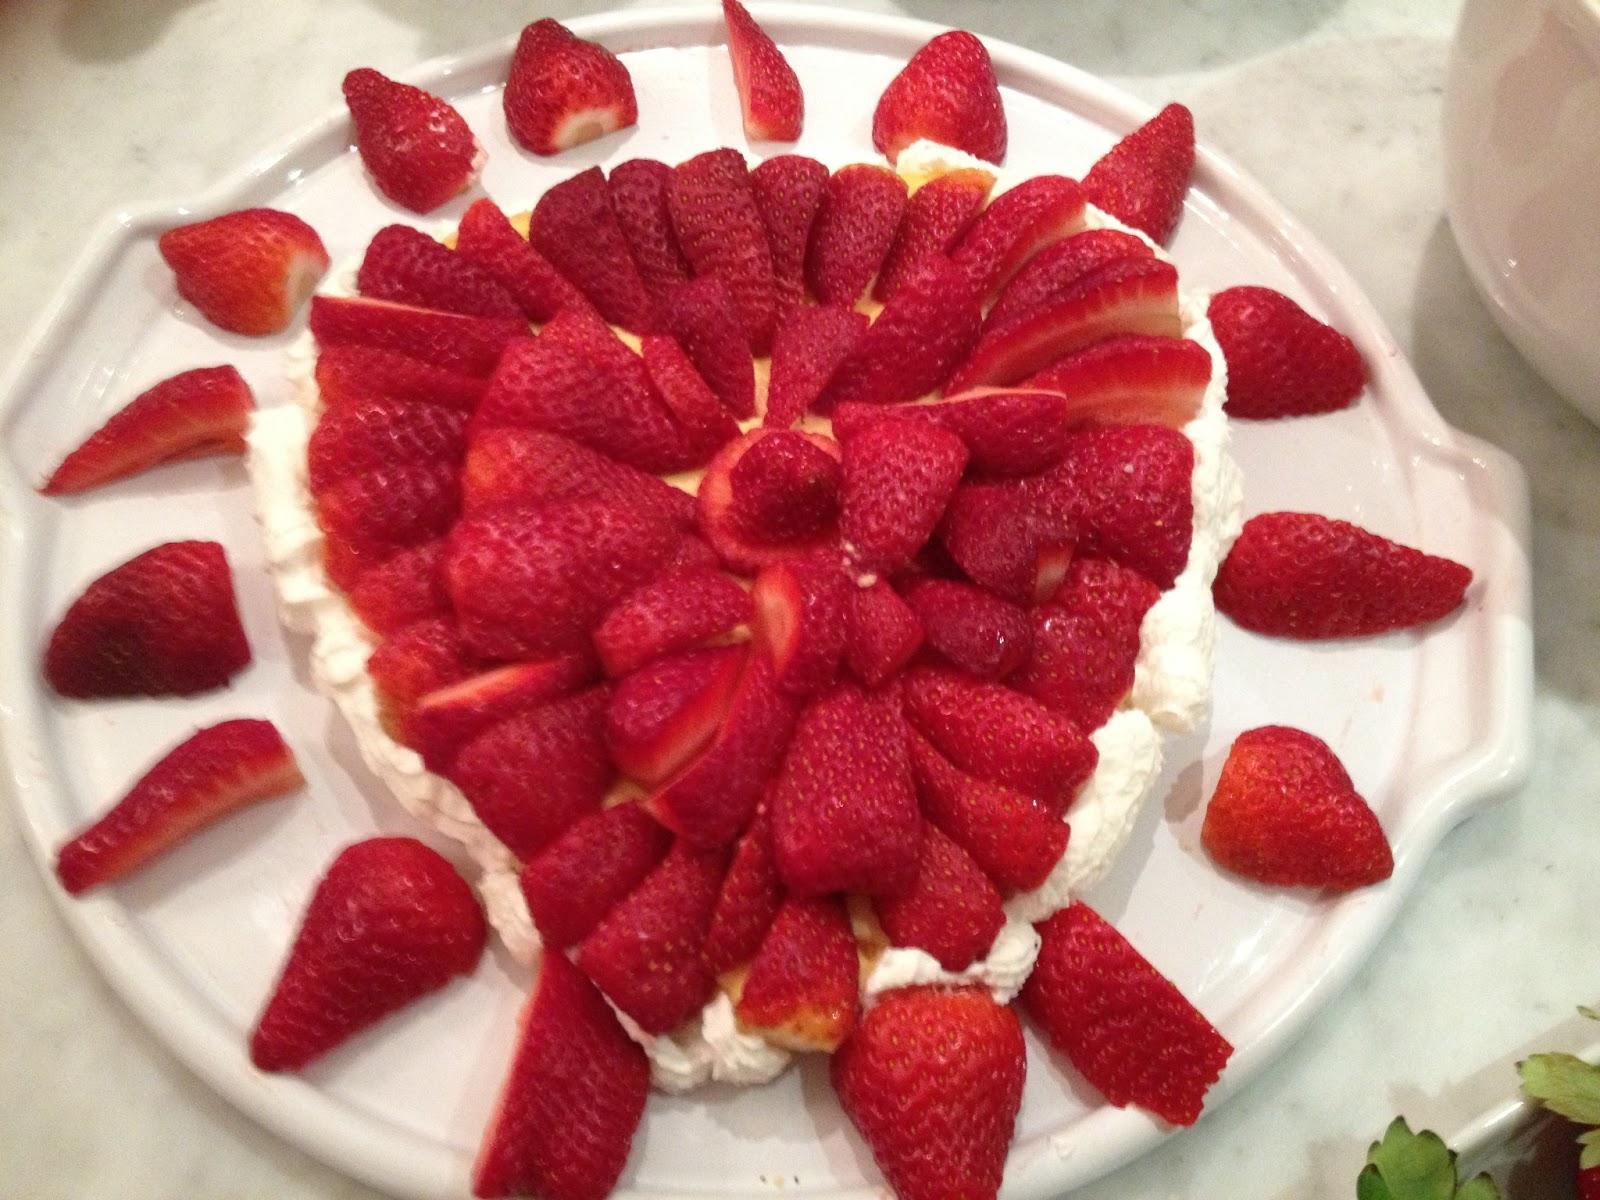 cucina con amici: Crostata ricotta e fragole di ... Verdiana